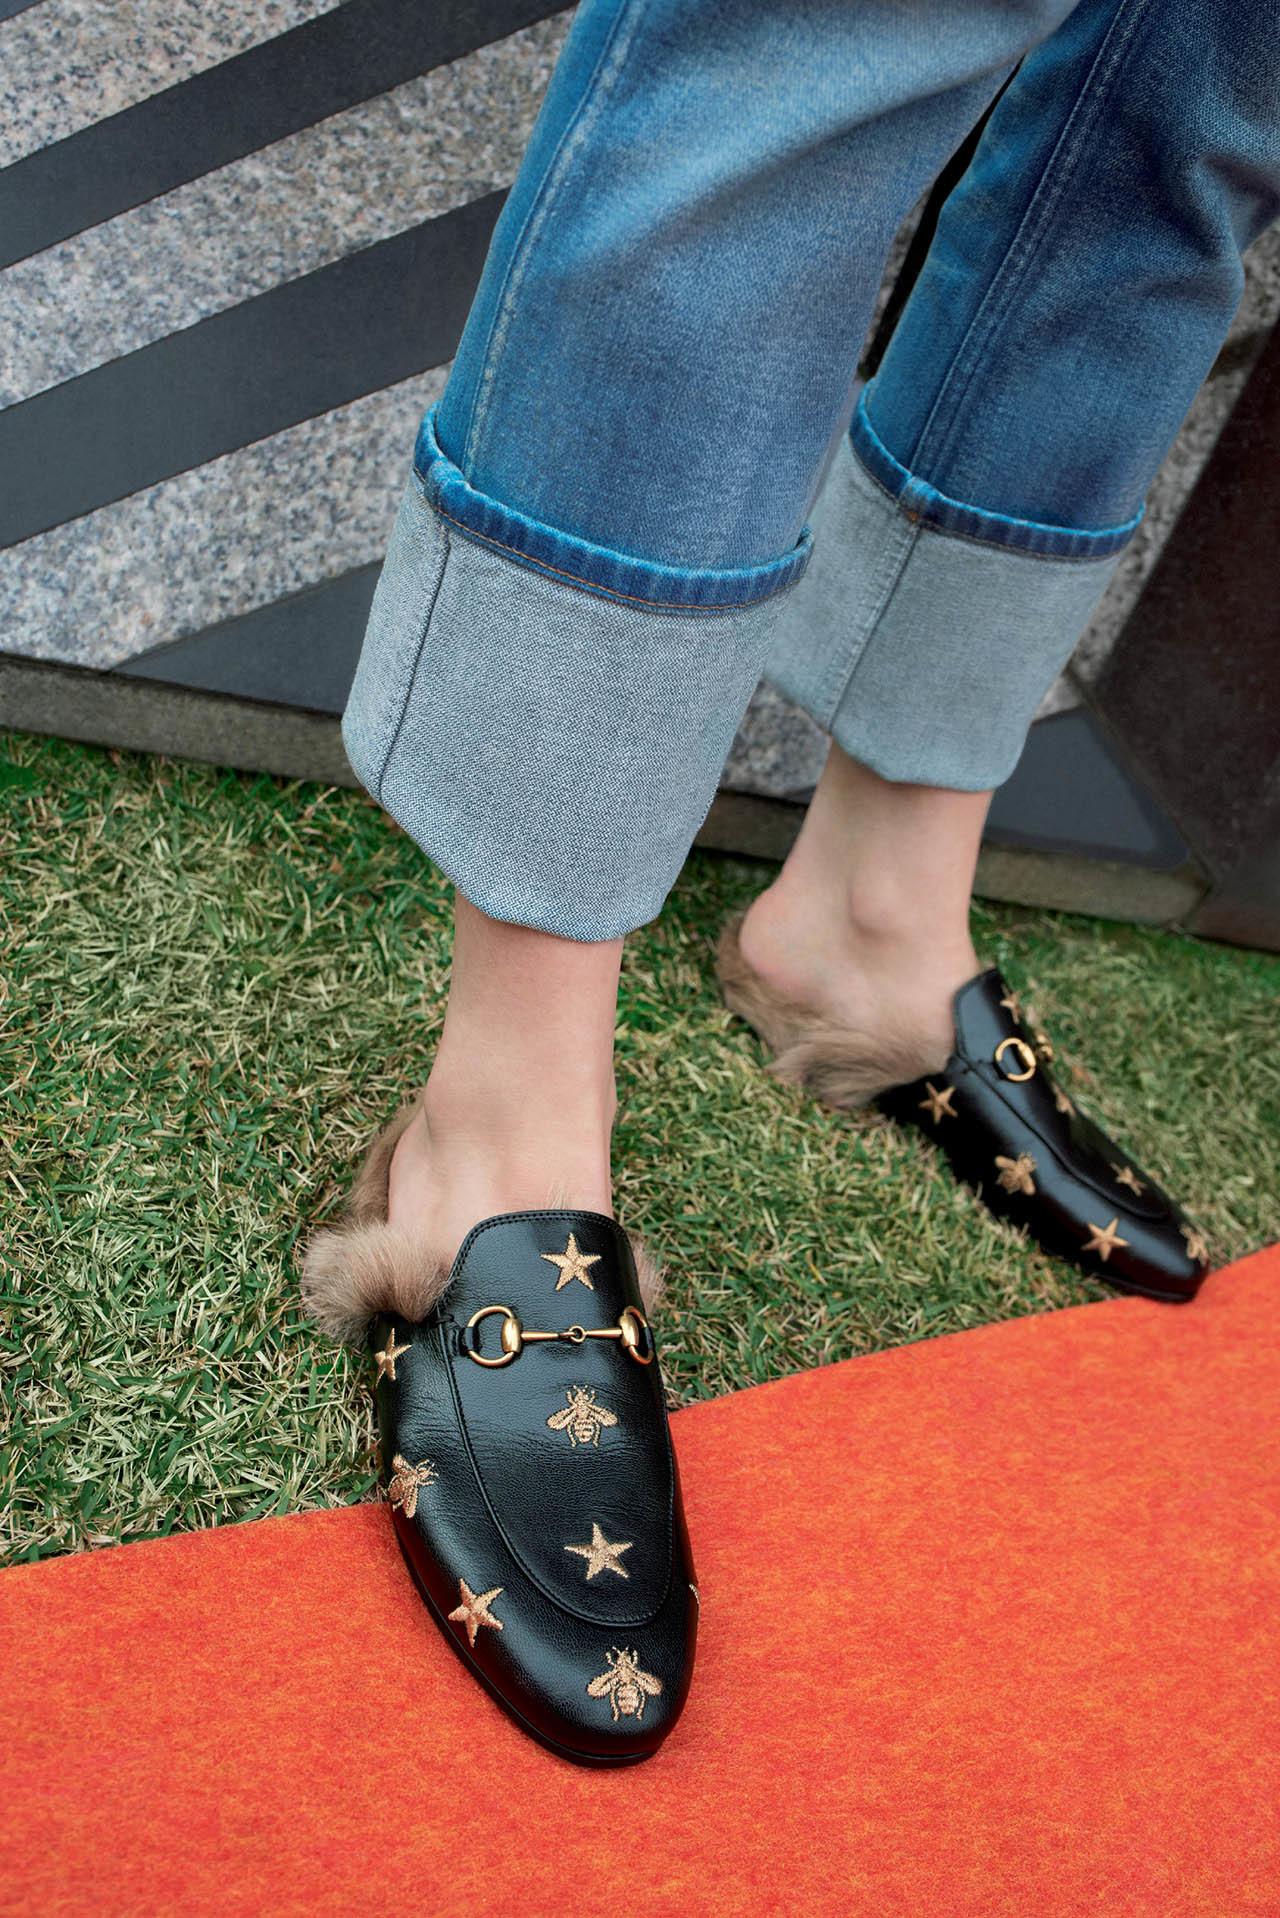 Jマダムの足元は、いつだって「ヒールがなくても素敵な靴」 五選_1_1-5